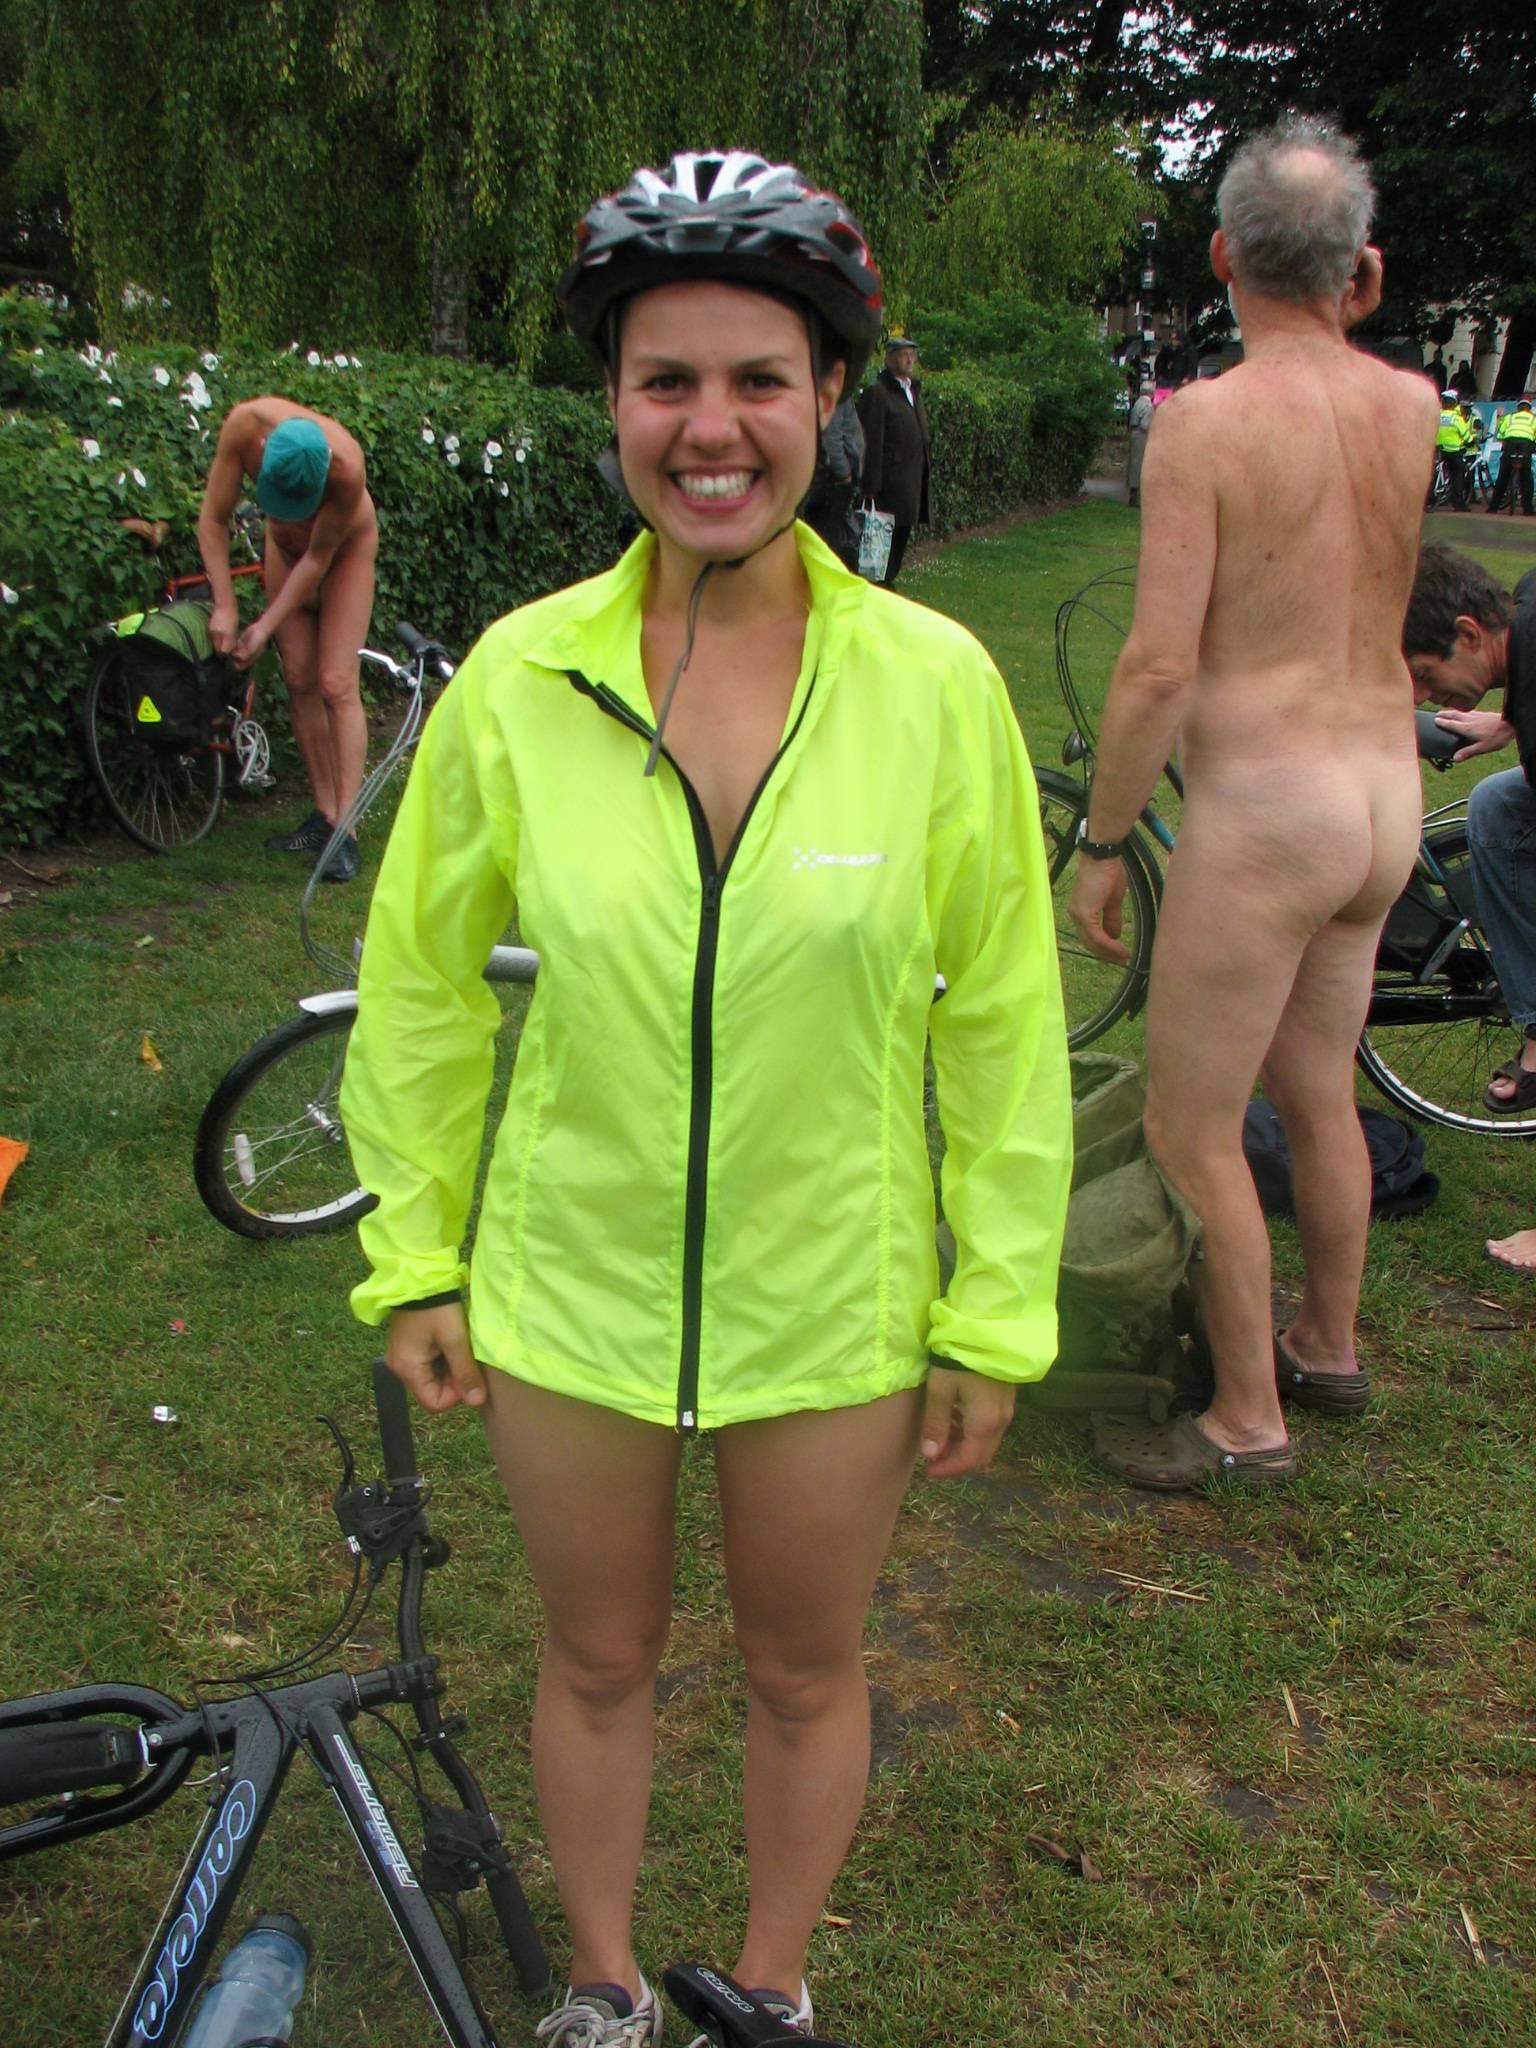 World Naked Bike Ride (WNBR) 2011 - 2